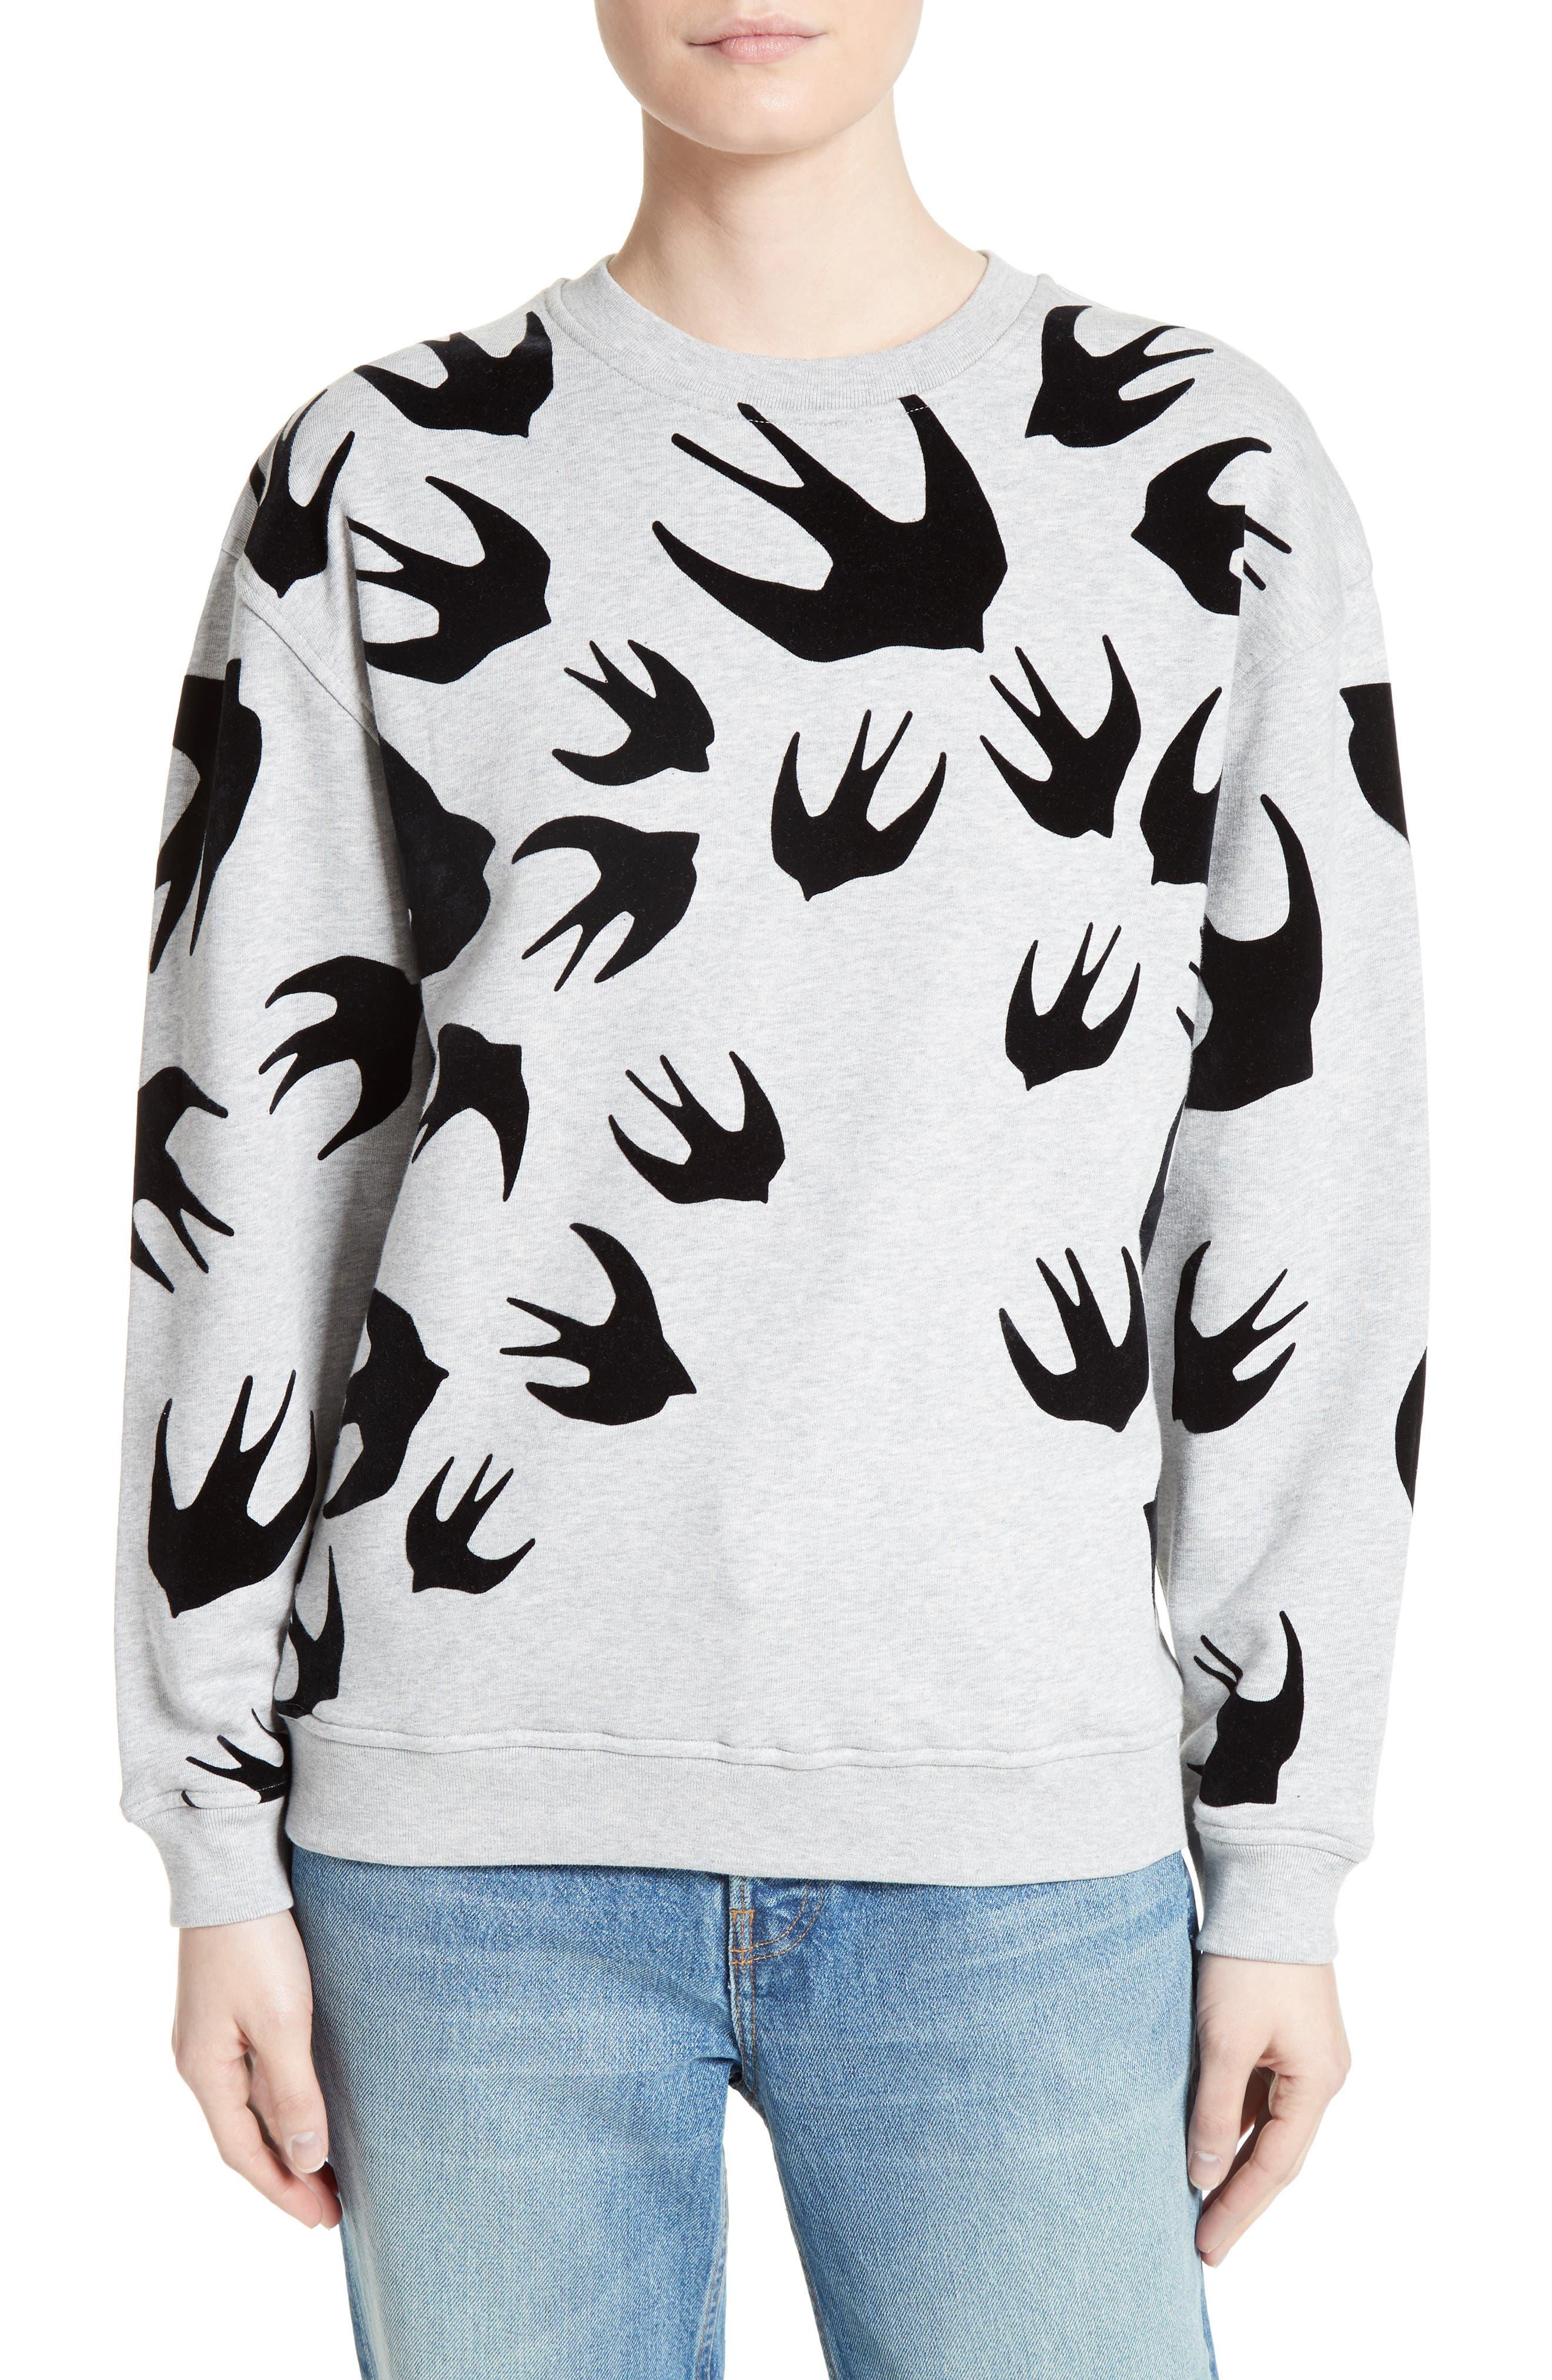 Alternate Image 1 Selected - McQ Alexander McQueen Flocked Swallow Sweatshirt